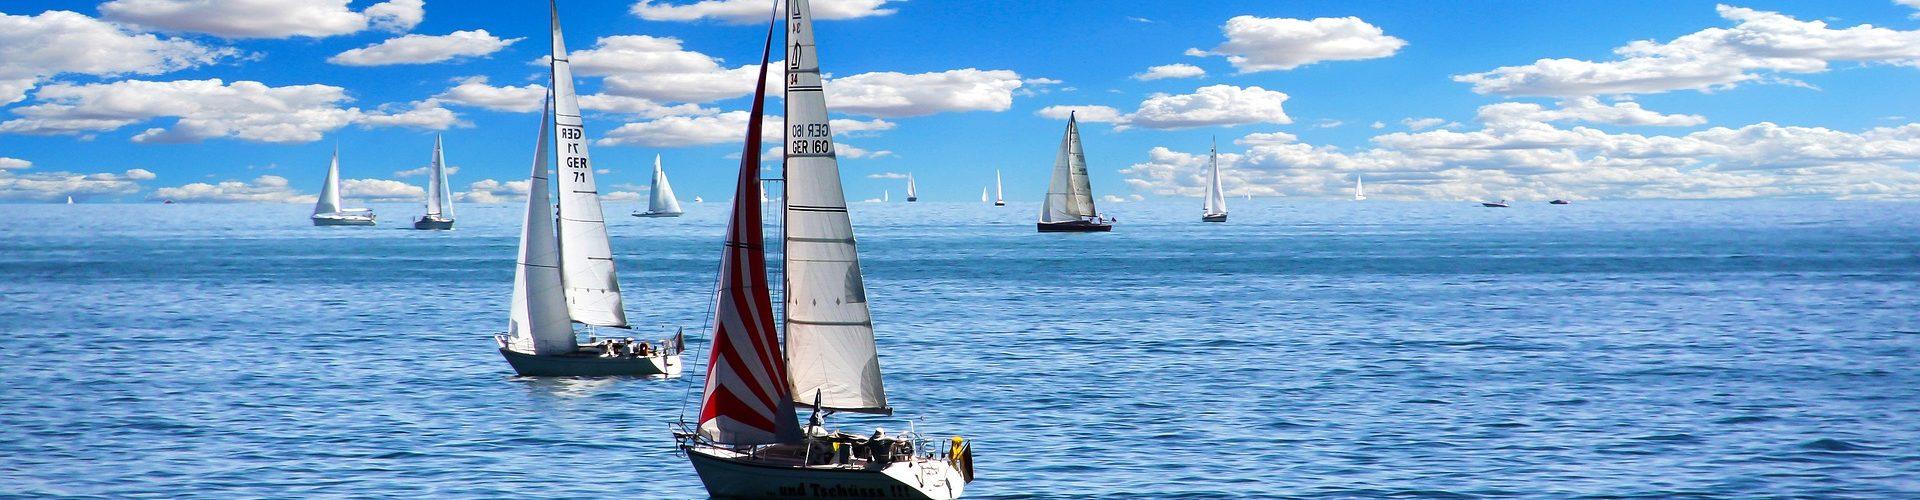 segeln lernen in Löhne segelschein machen in Löhne 1920x500 - Segeln lernen in Löhne